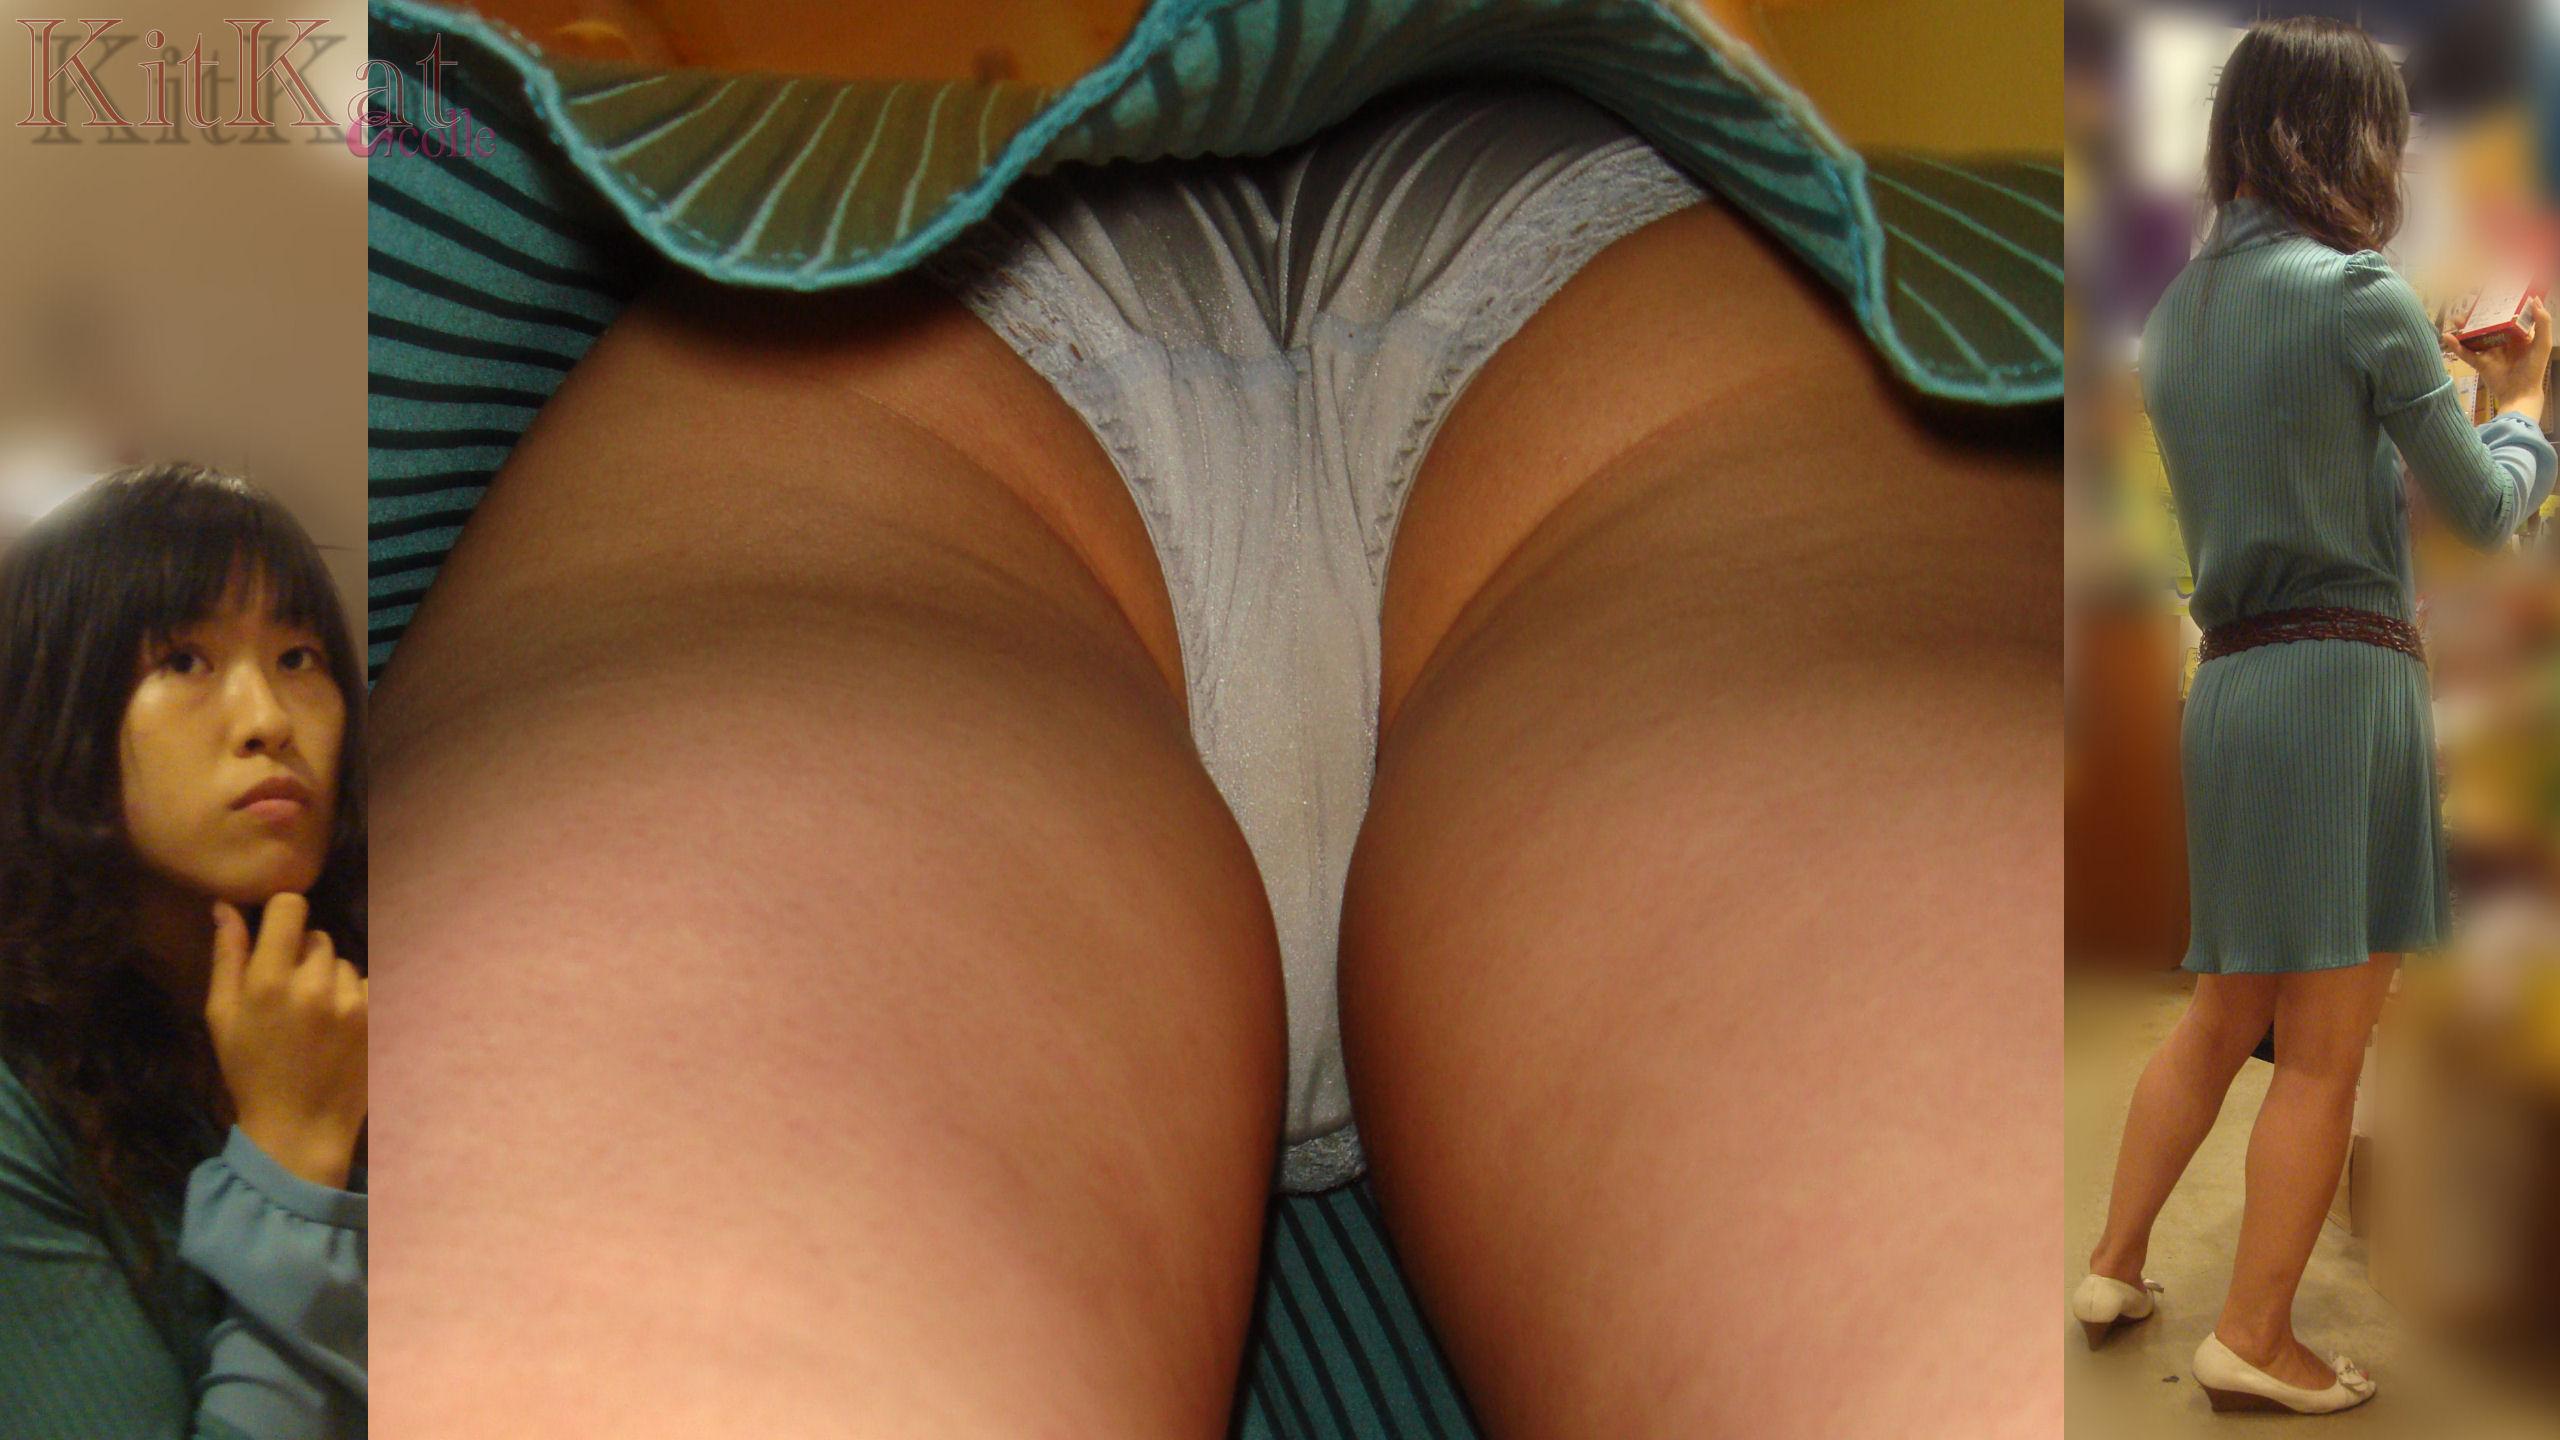 OLのタイトスカート逆さパンティ買い物中盗撮画像6枚目